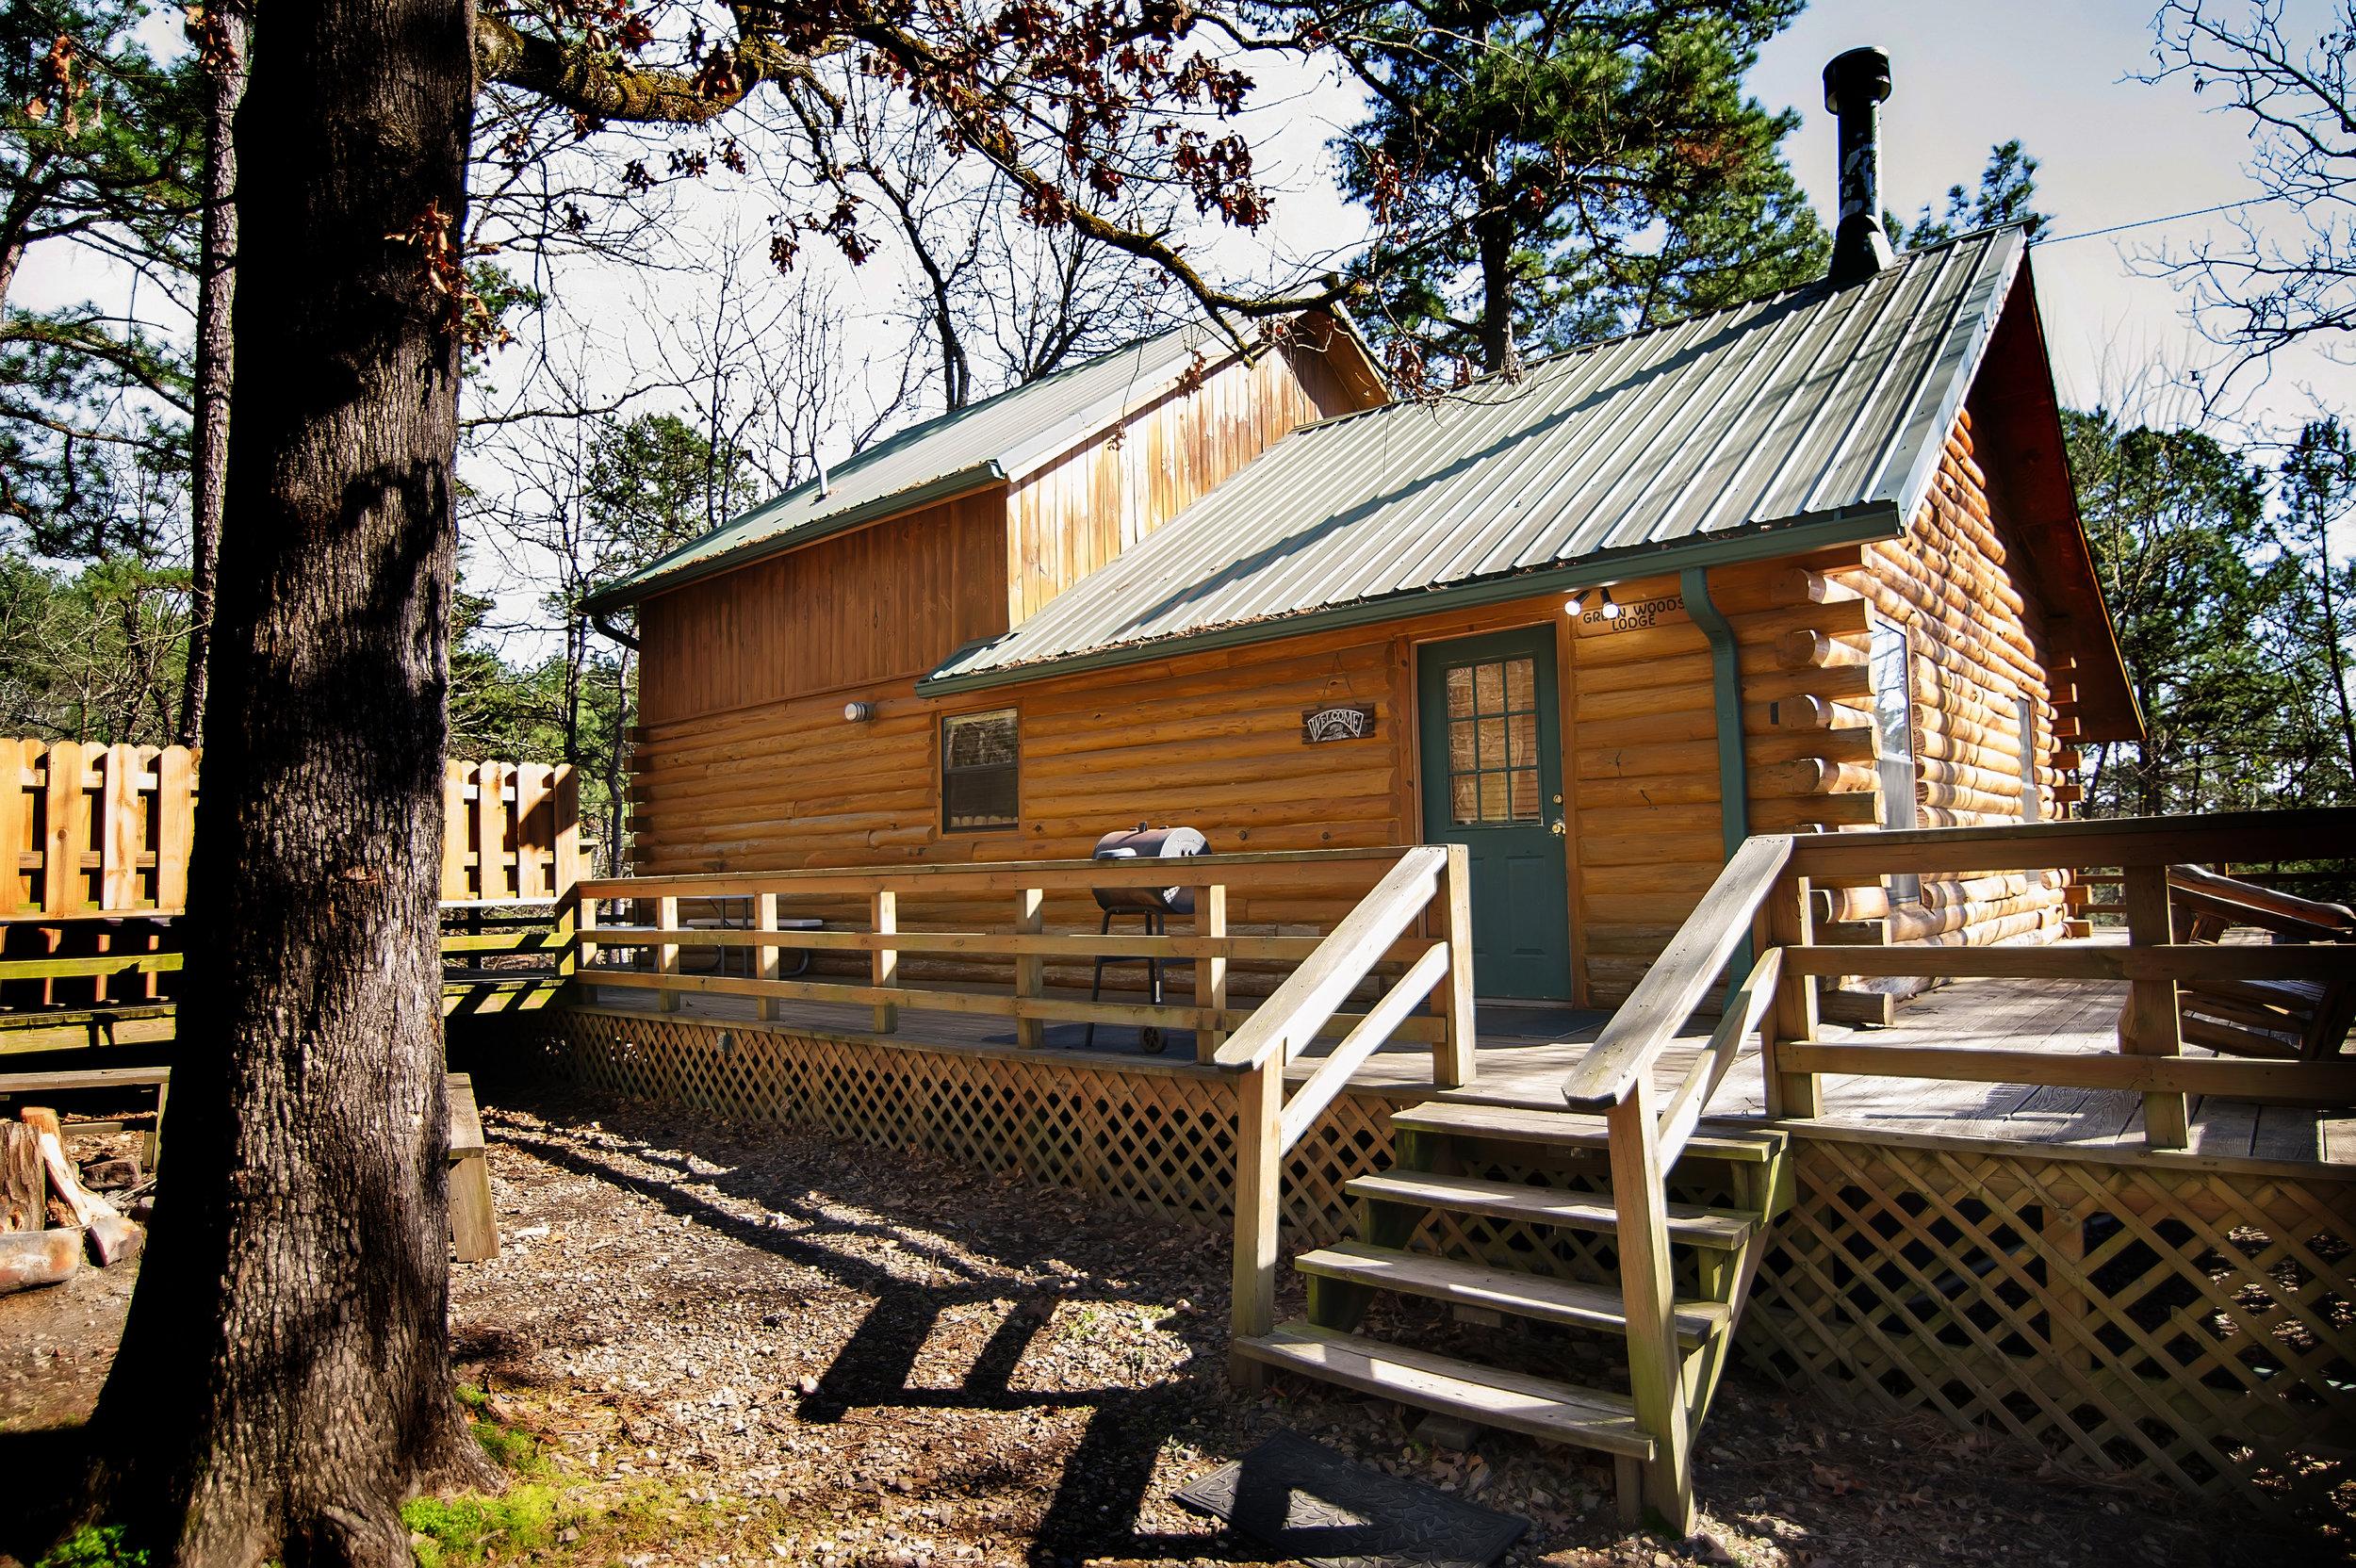 Green Wood Lodge:   2 Baths – Sleeps 14